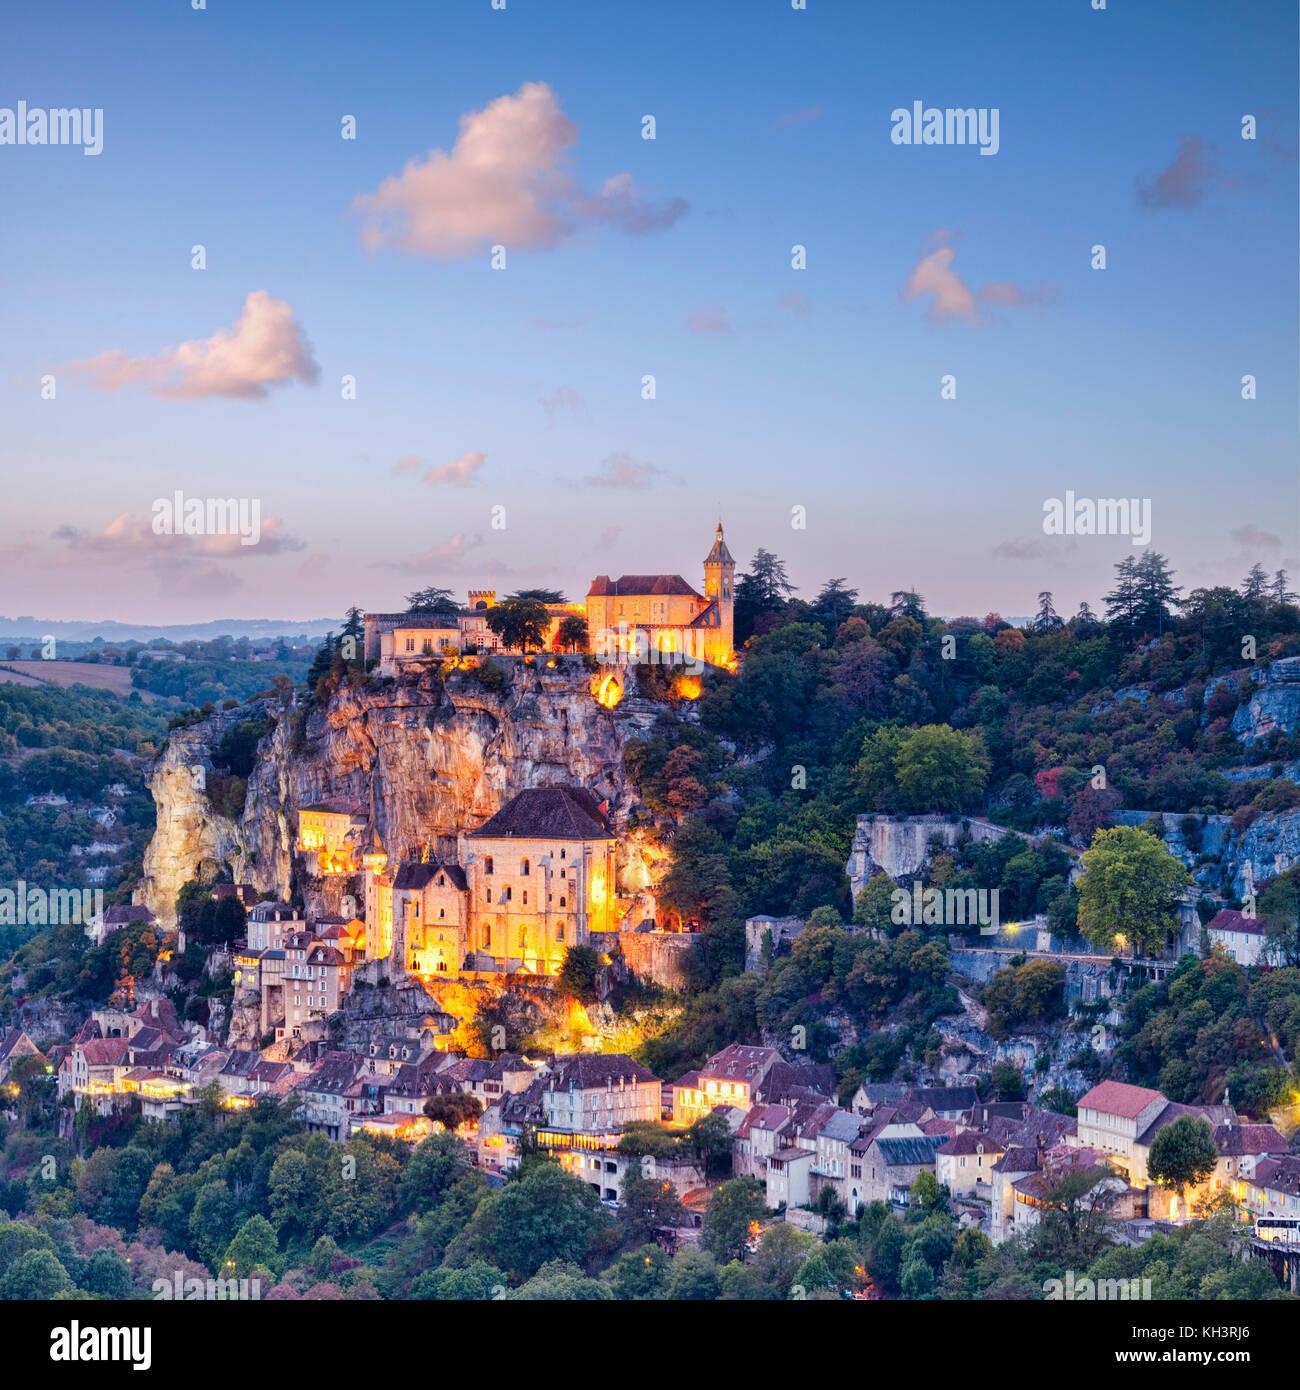 Crepúsculo en la ciudad medieval de Rocamadour, en el valle del Dordoña, midi-Pirineos, Francia. Imagen De Stock